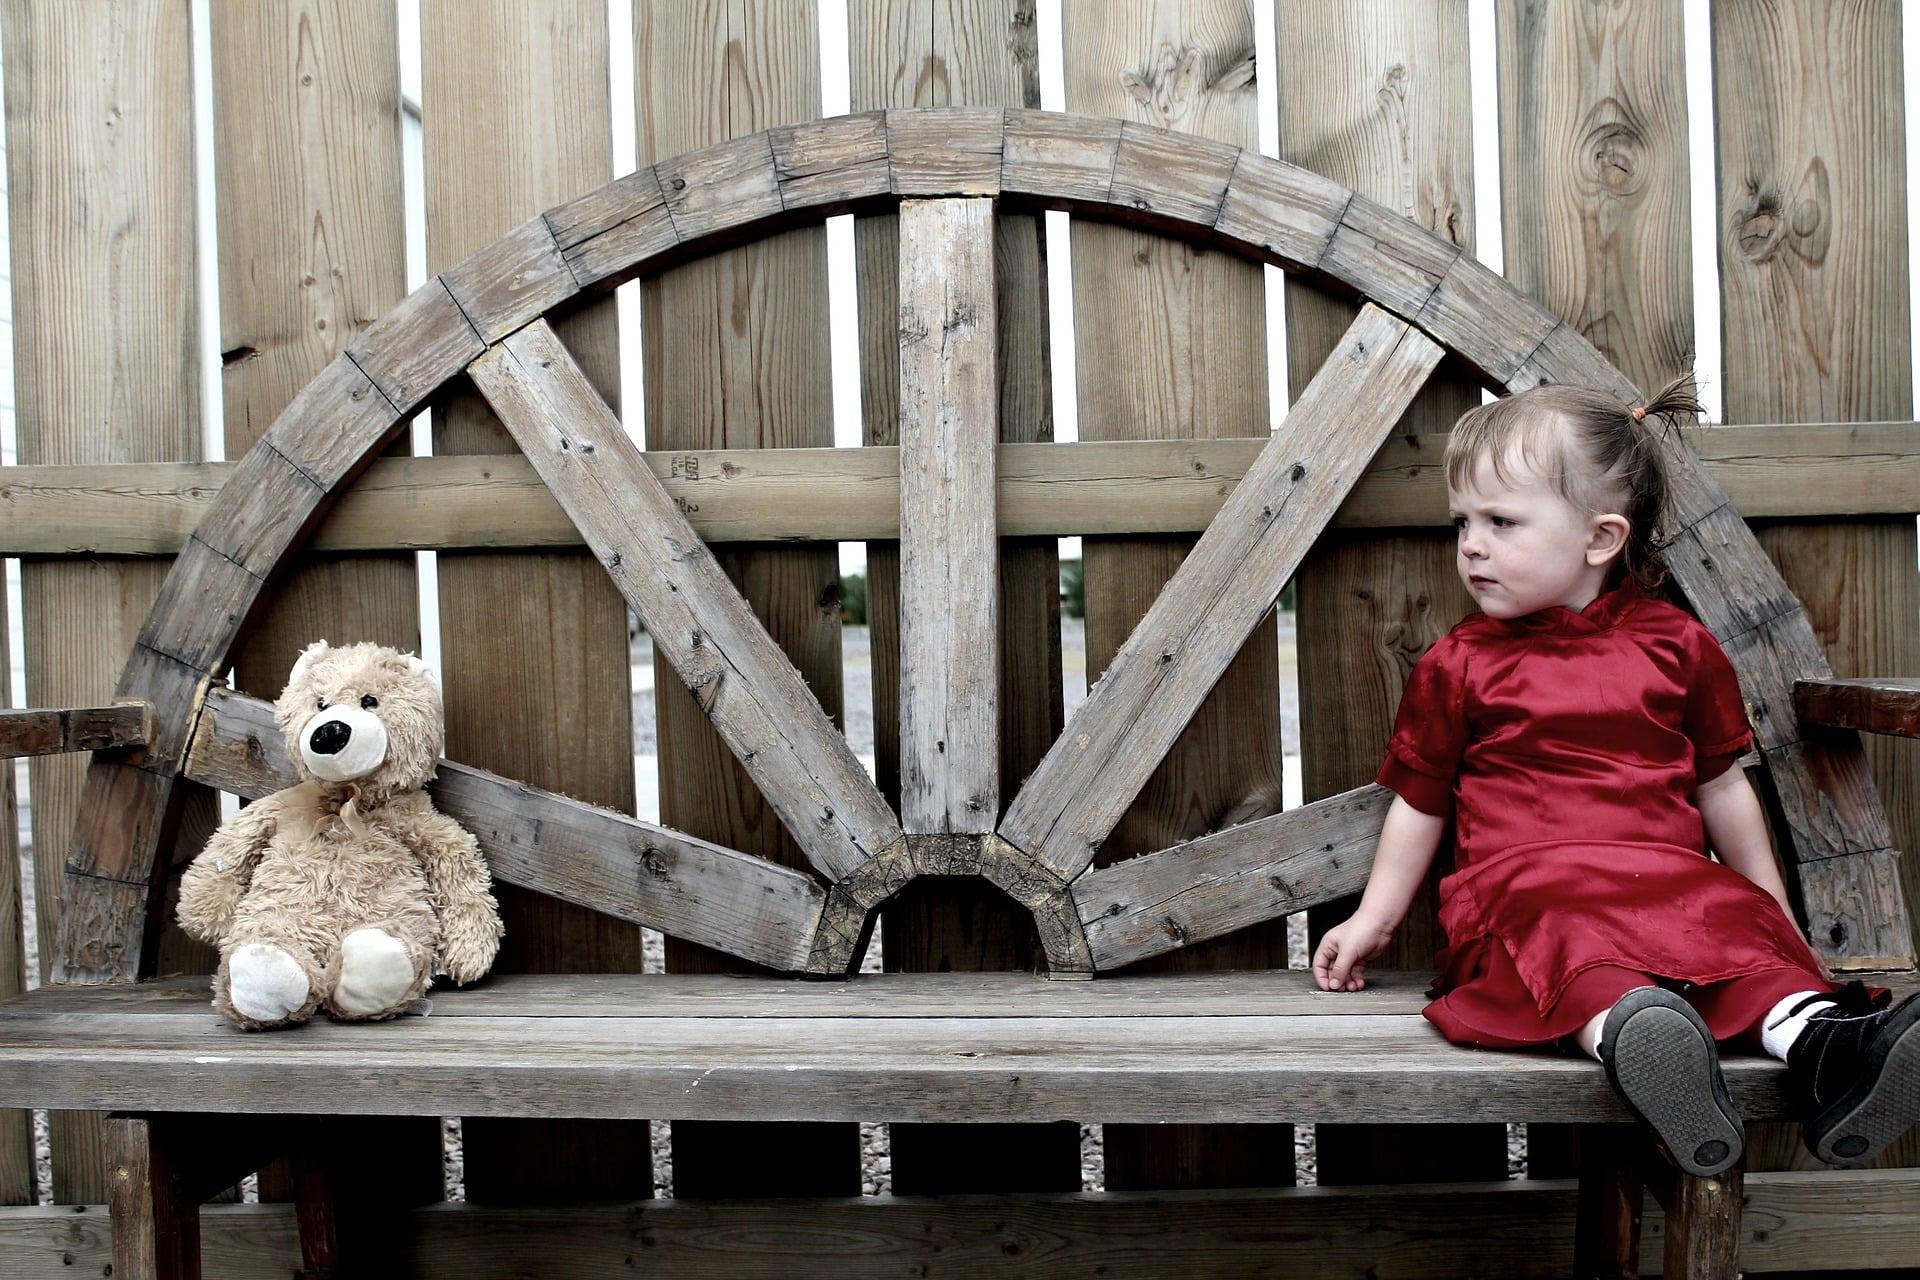 Prawo a inne systemy normatywne - mała dziewczynka i pluszowy miś